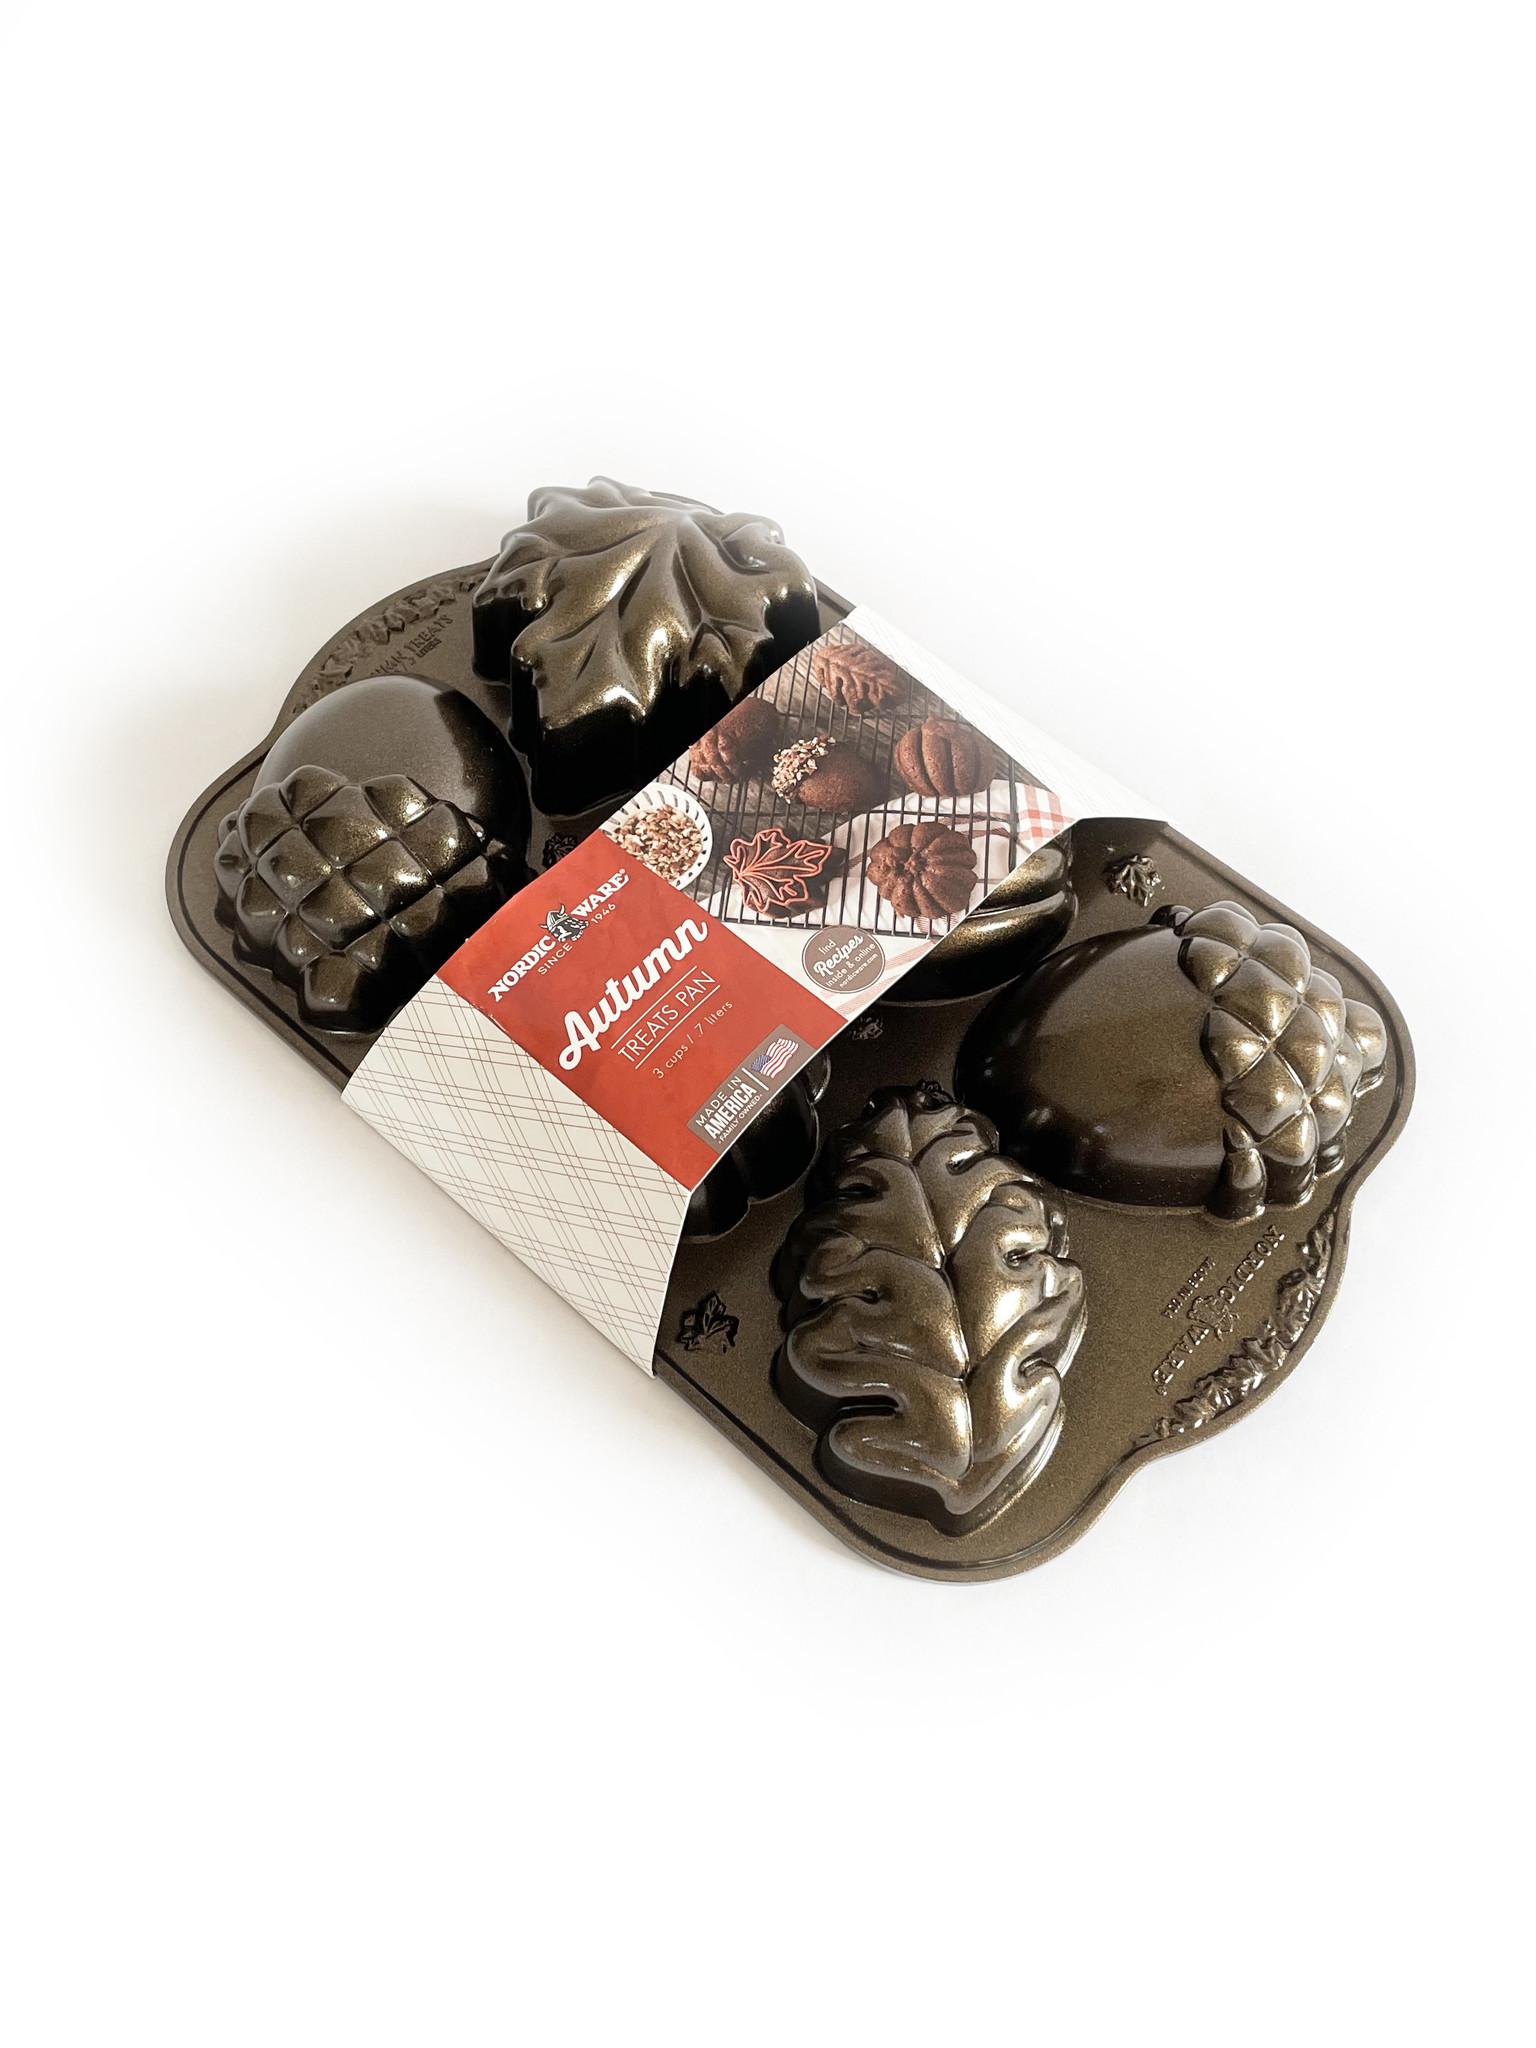 Nordic Ware Autumn Treats Cakelet Pan-2